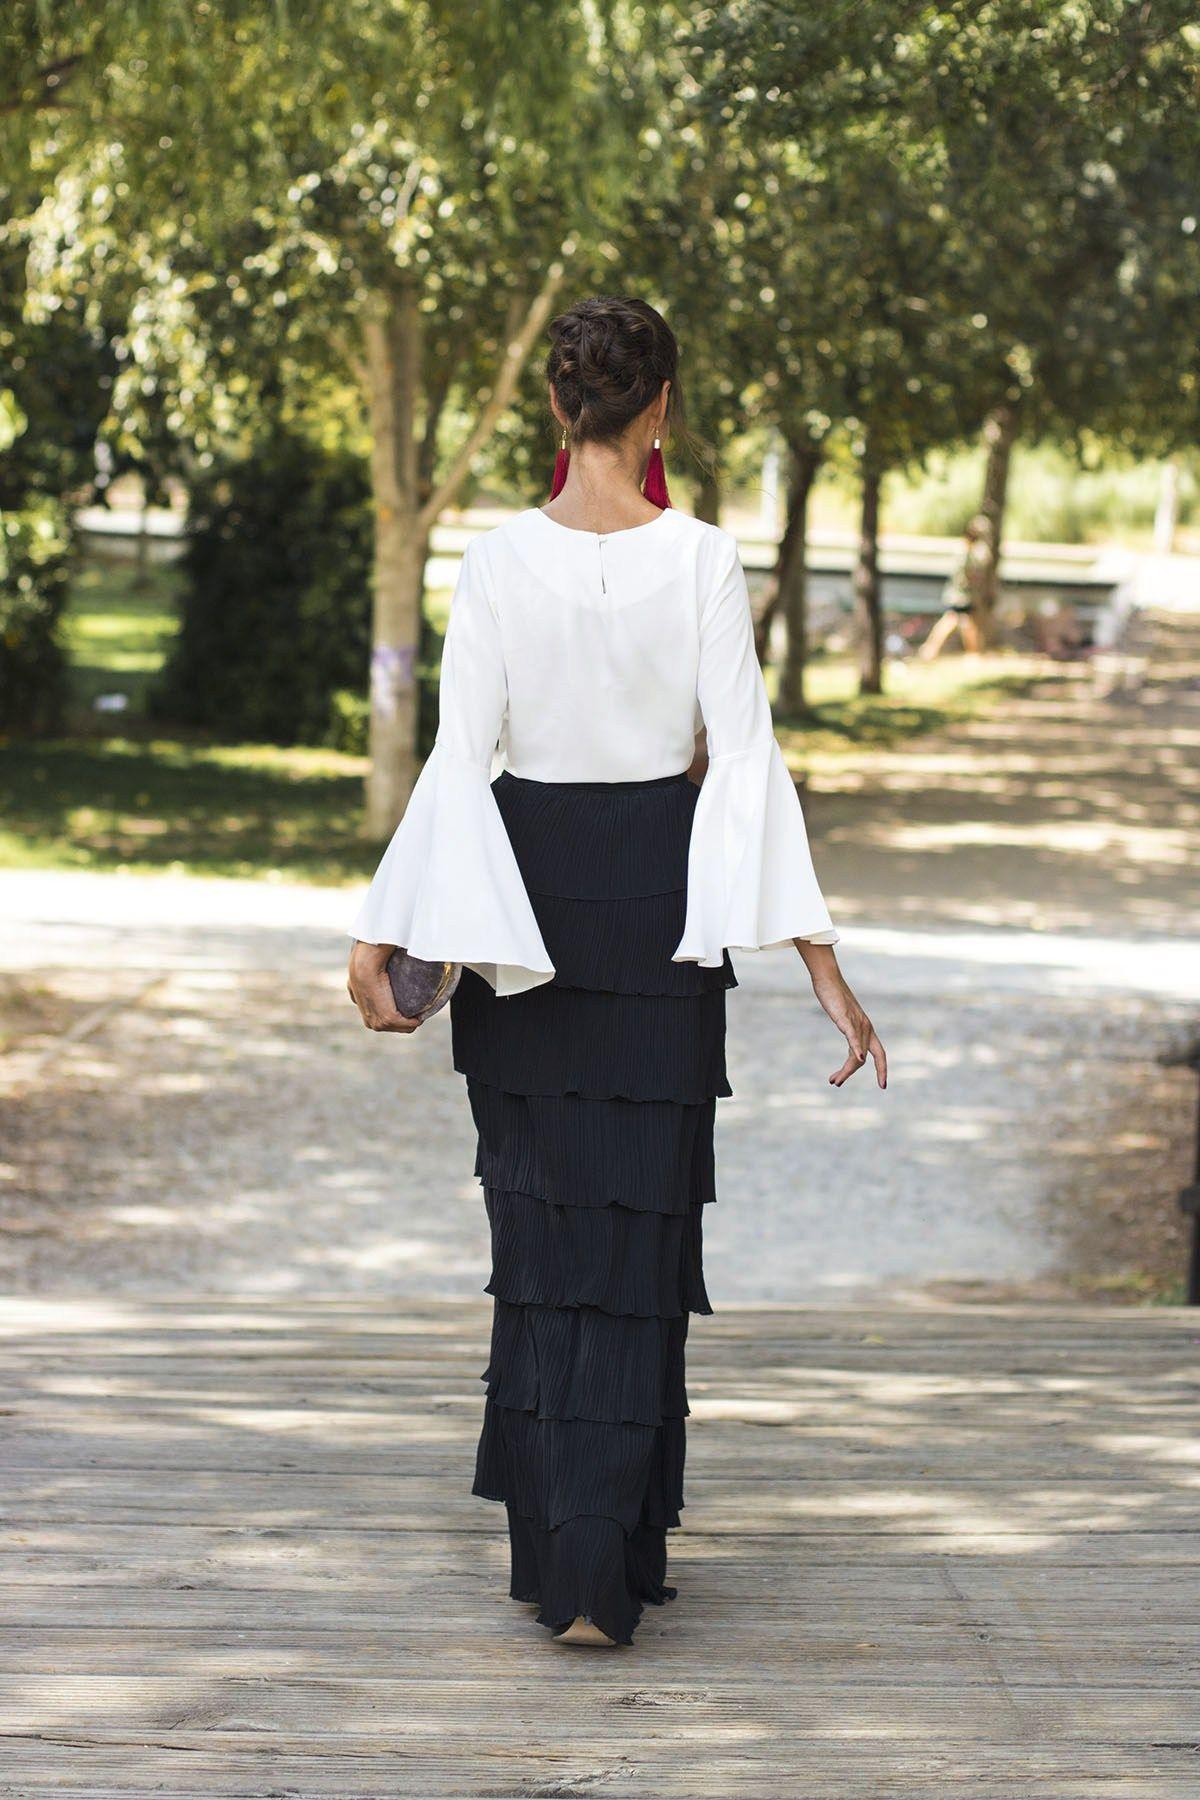 Vestido blanco y negro boda dia